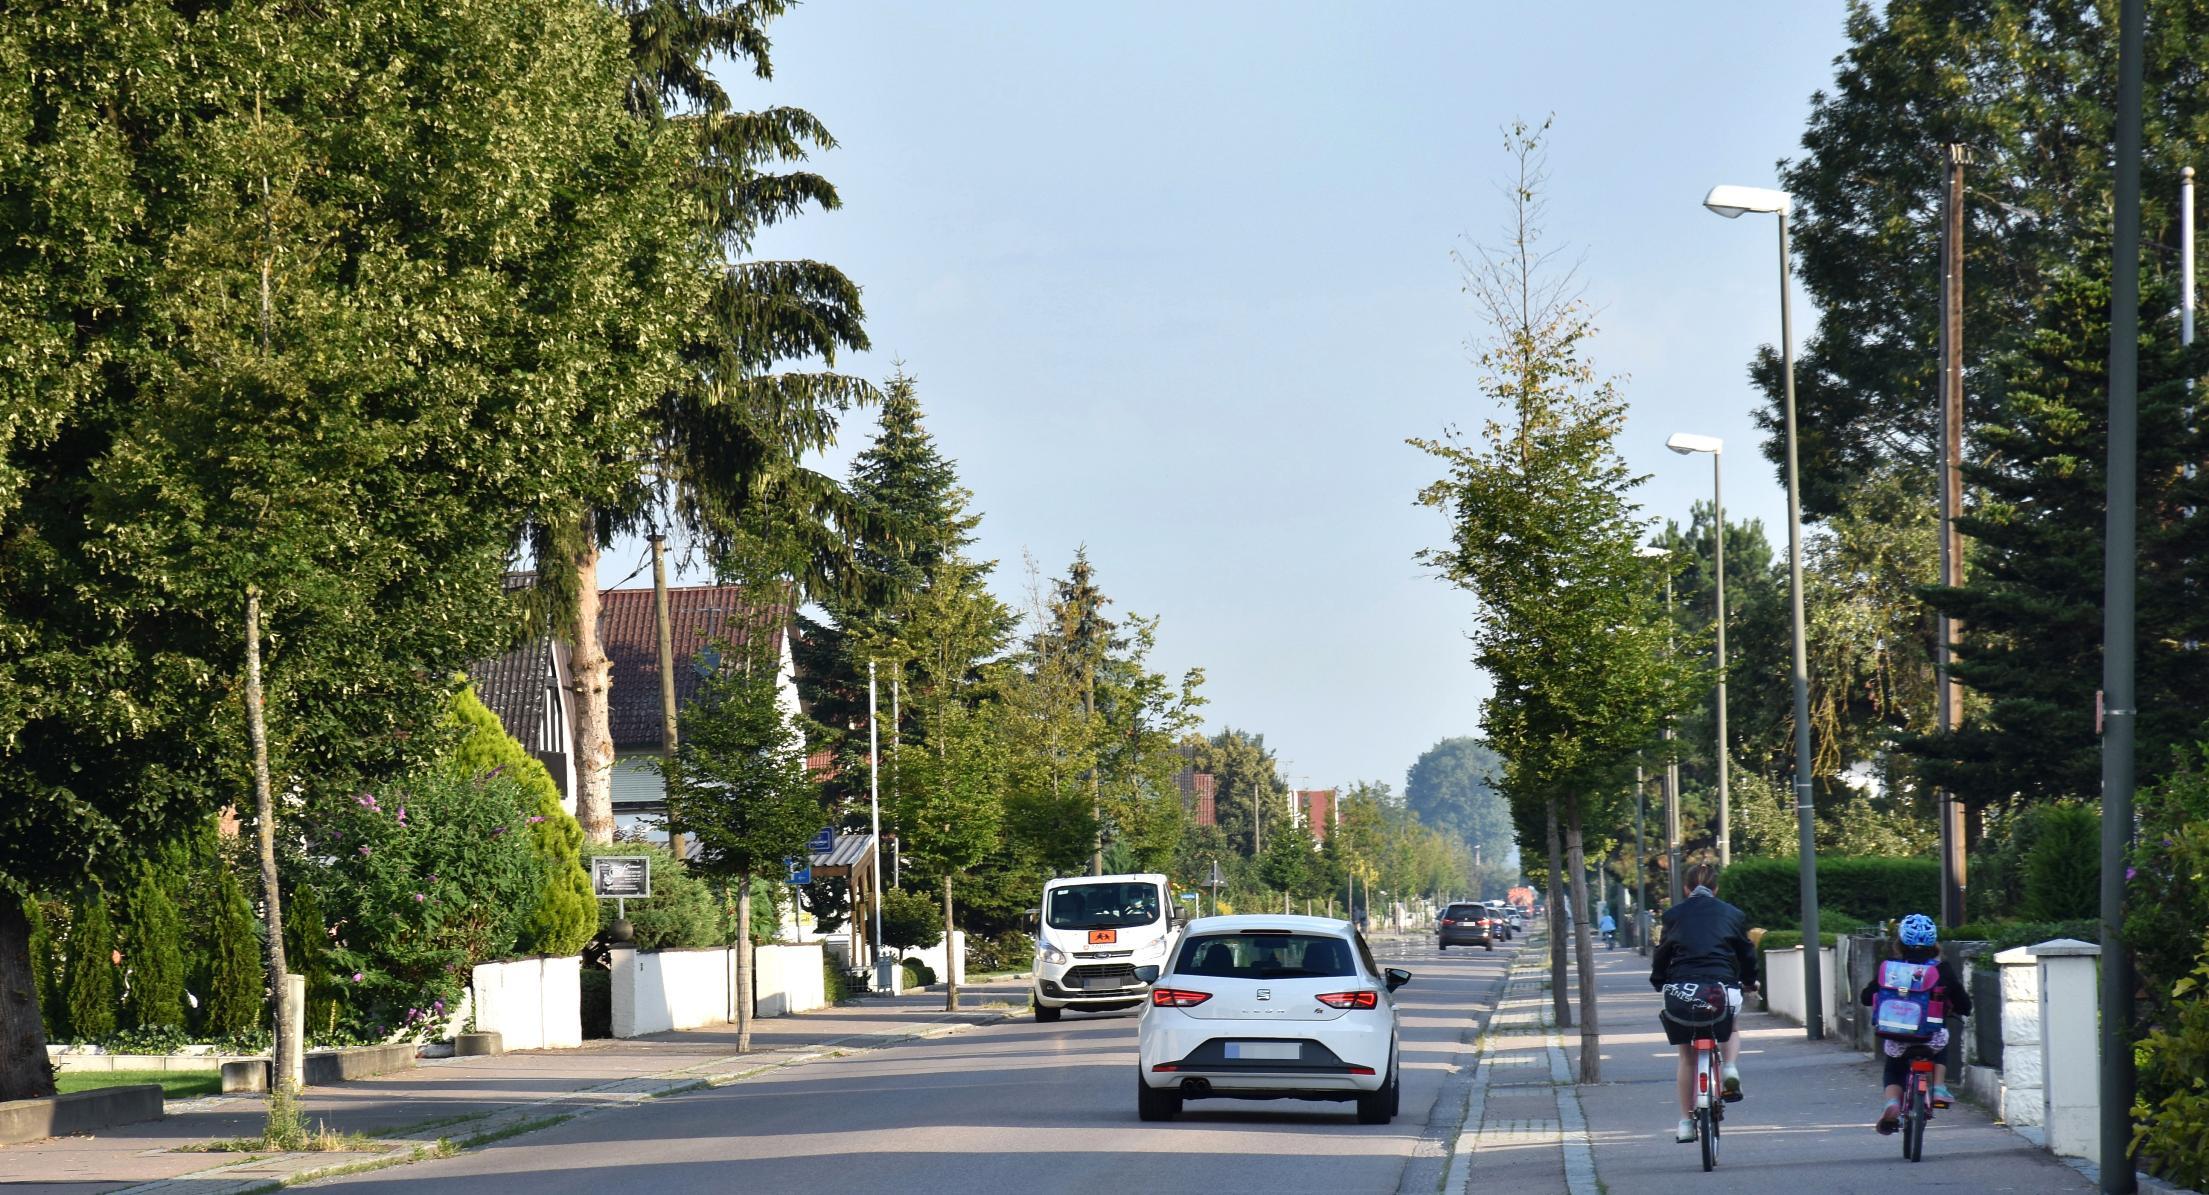 Die Länge hat es in sich: Die Ortsdurchfahrt in Karlshuld zieht sich über fast sechs Kilometern hin.